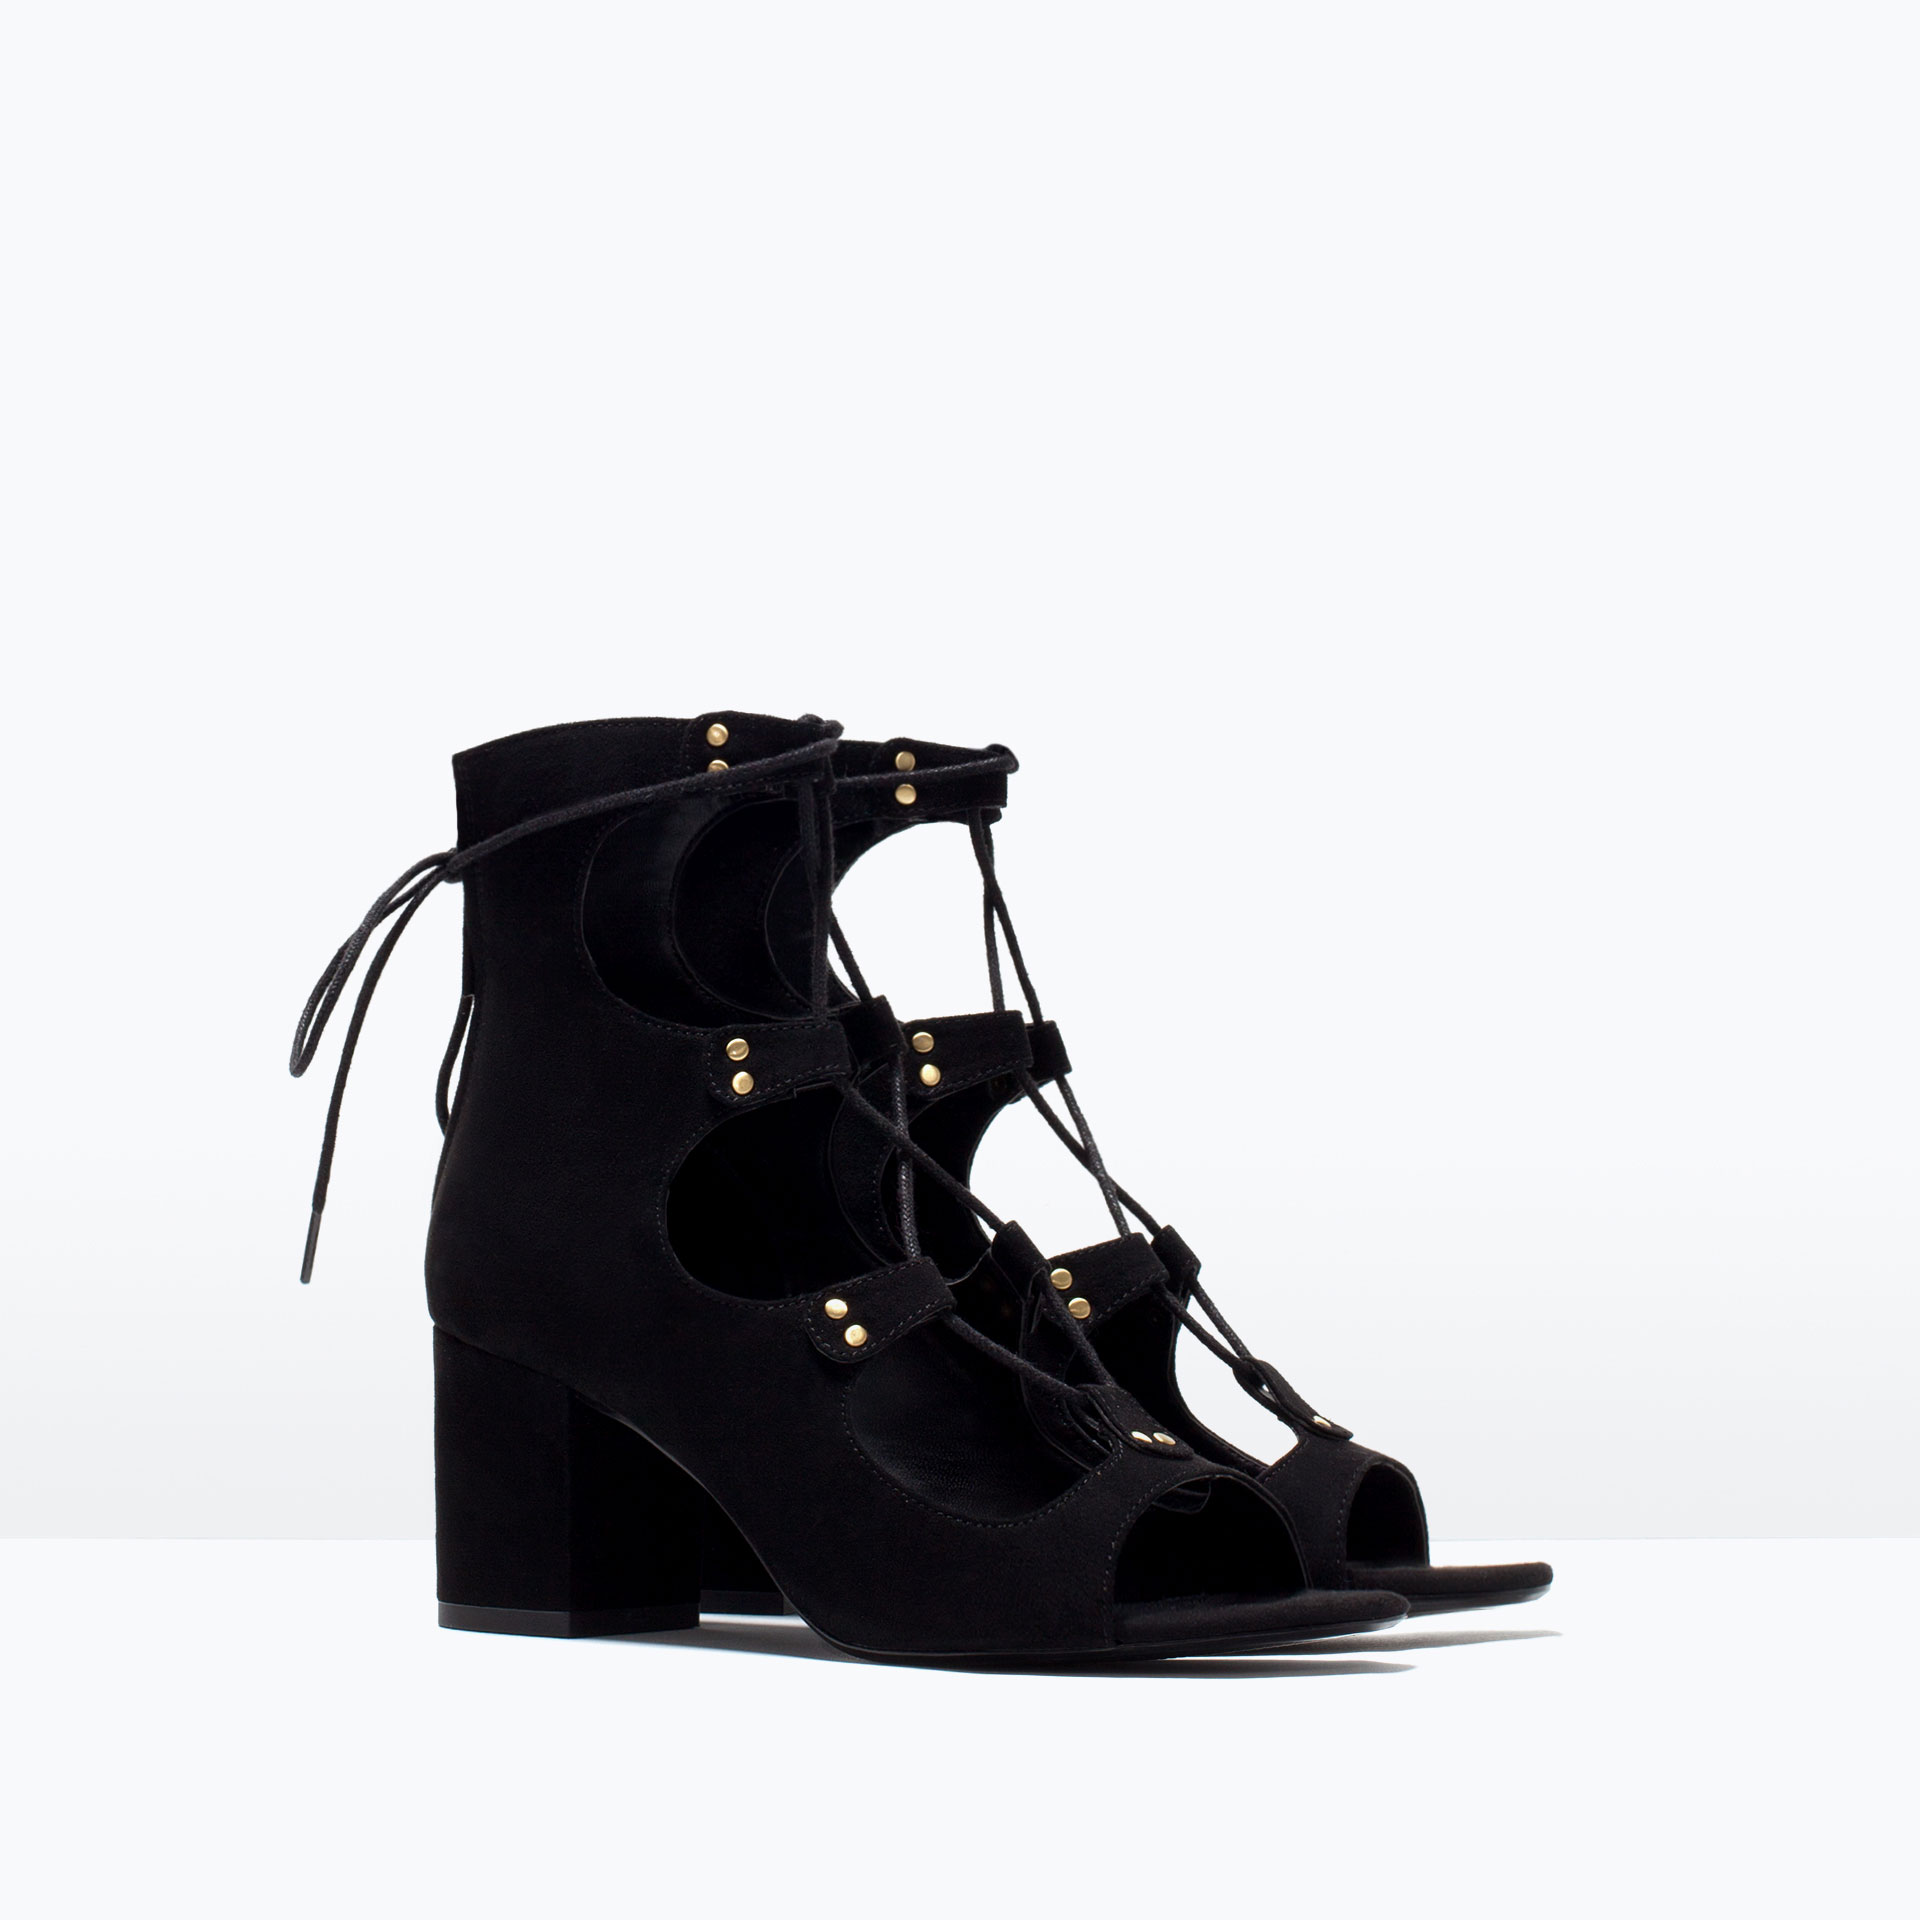 zara cipele za proljeće 2015